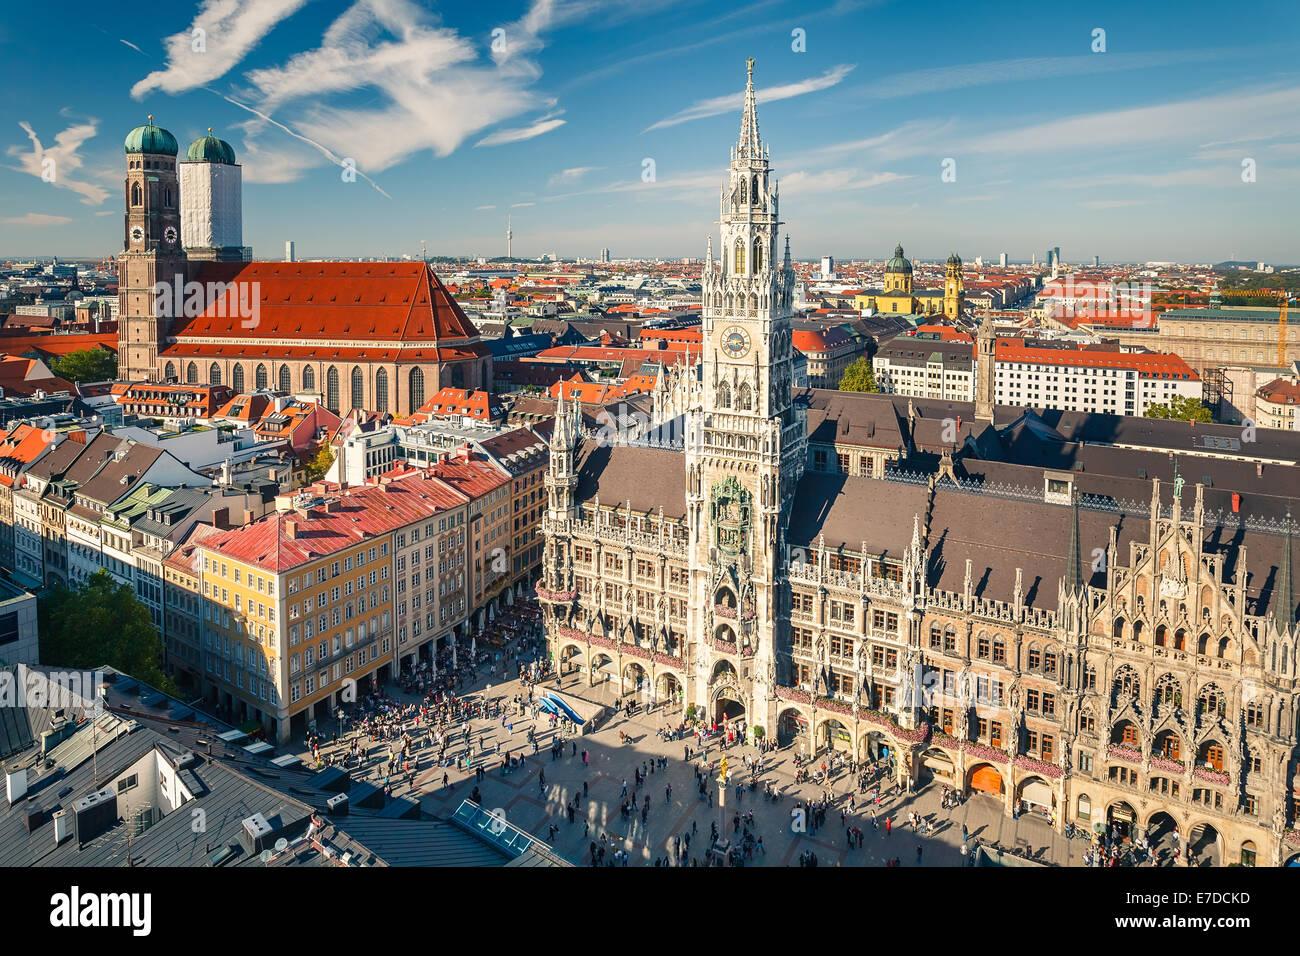 Blick auf das historische Zentrum von München Stockbild